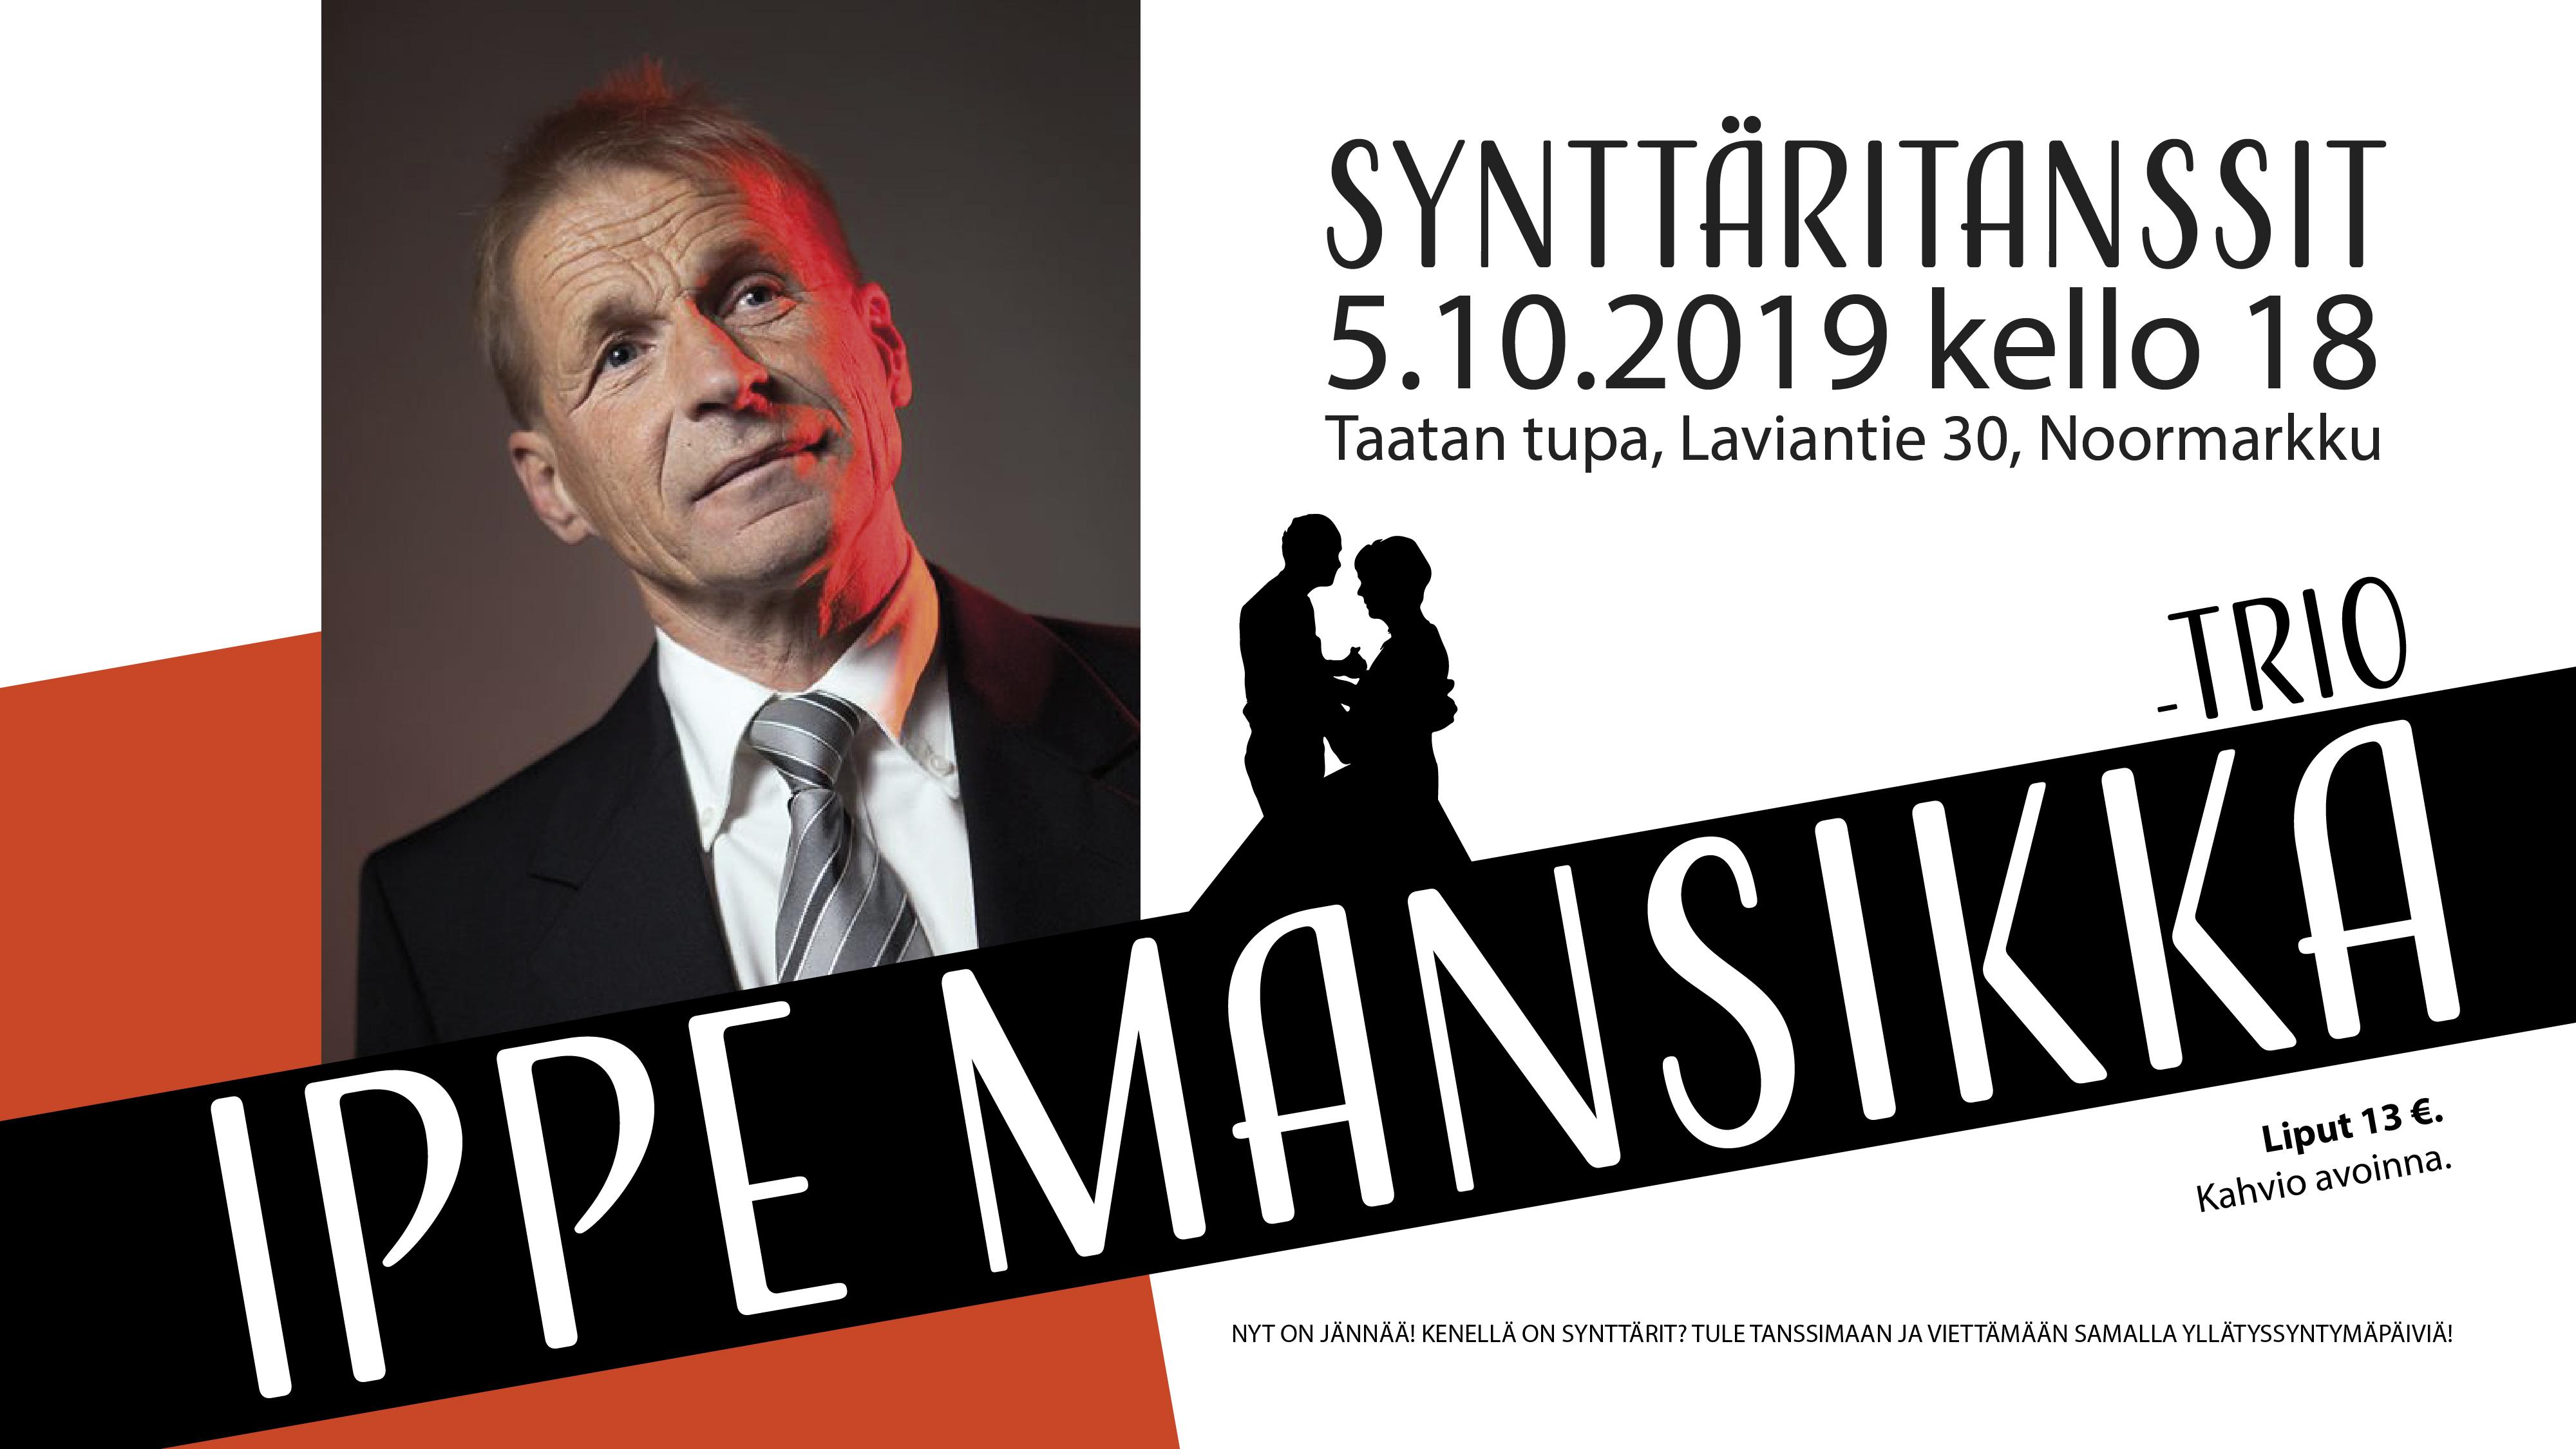 fb_tapahtumakansi_ippemansikka_SYNTTARITANSSIT-01